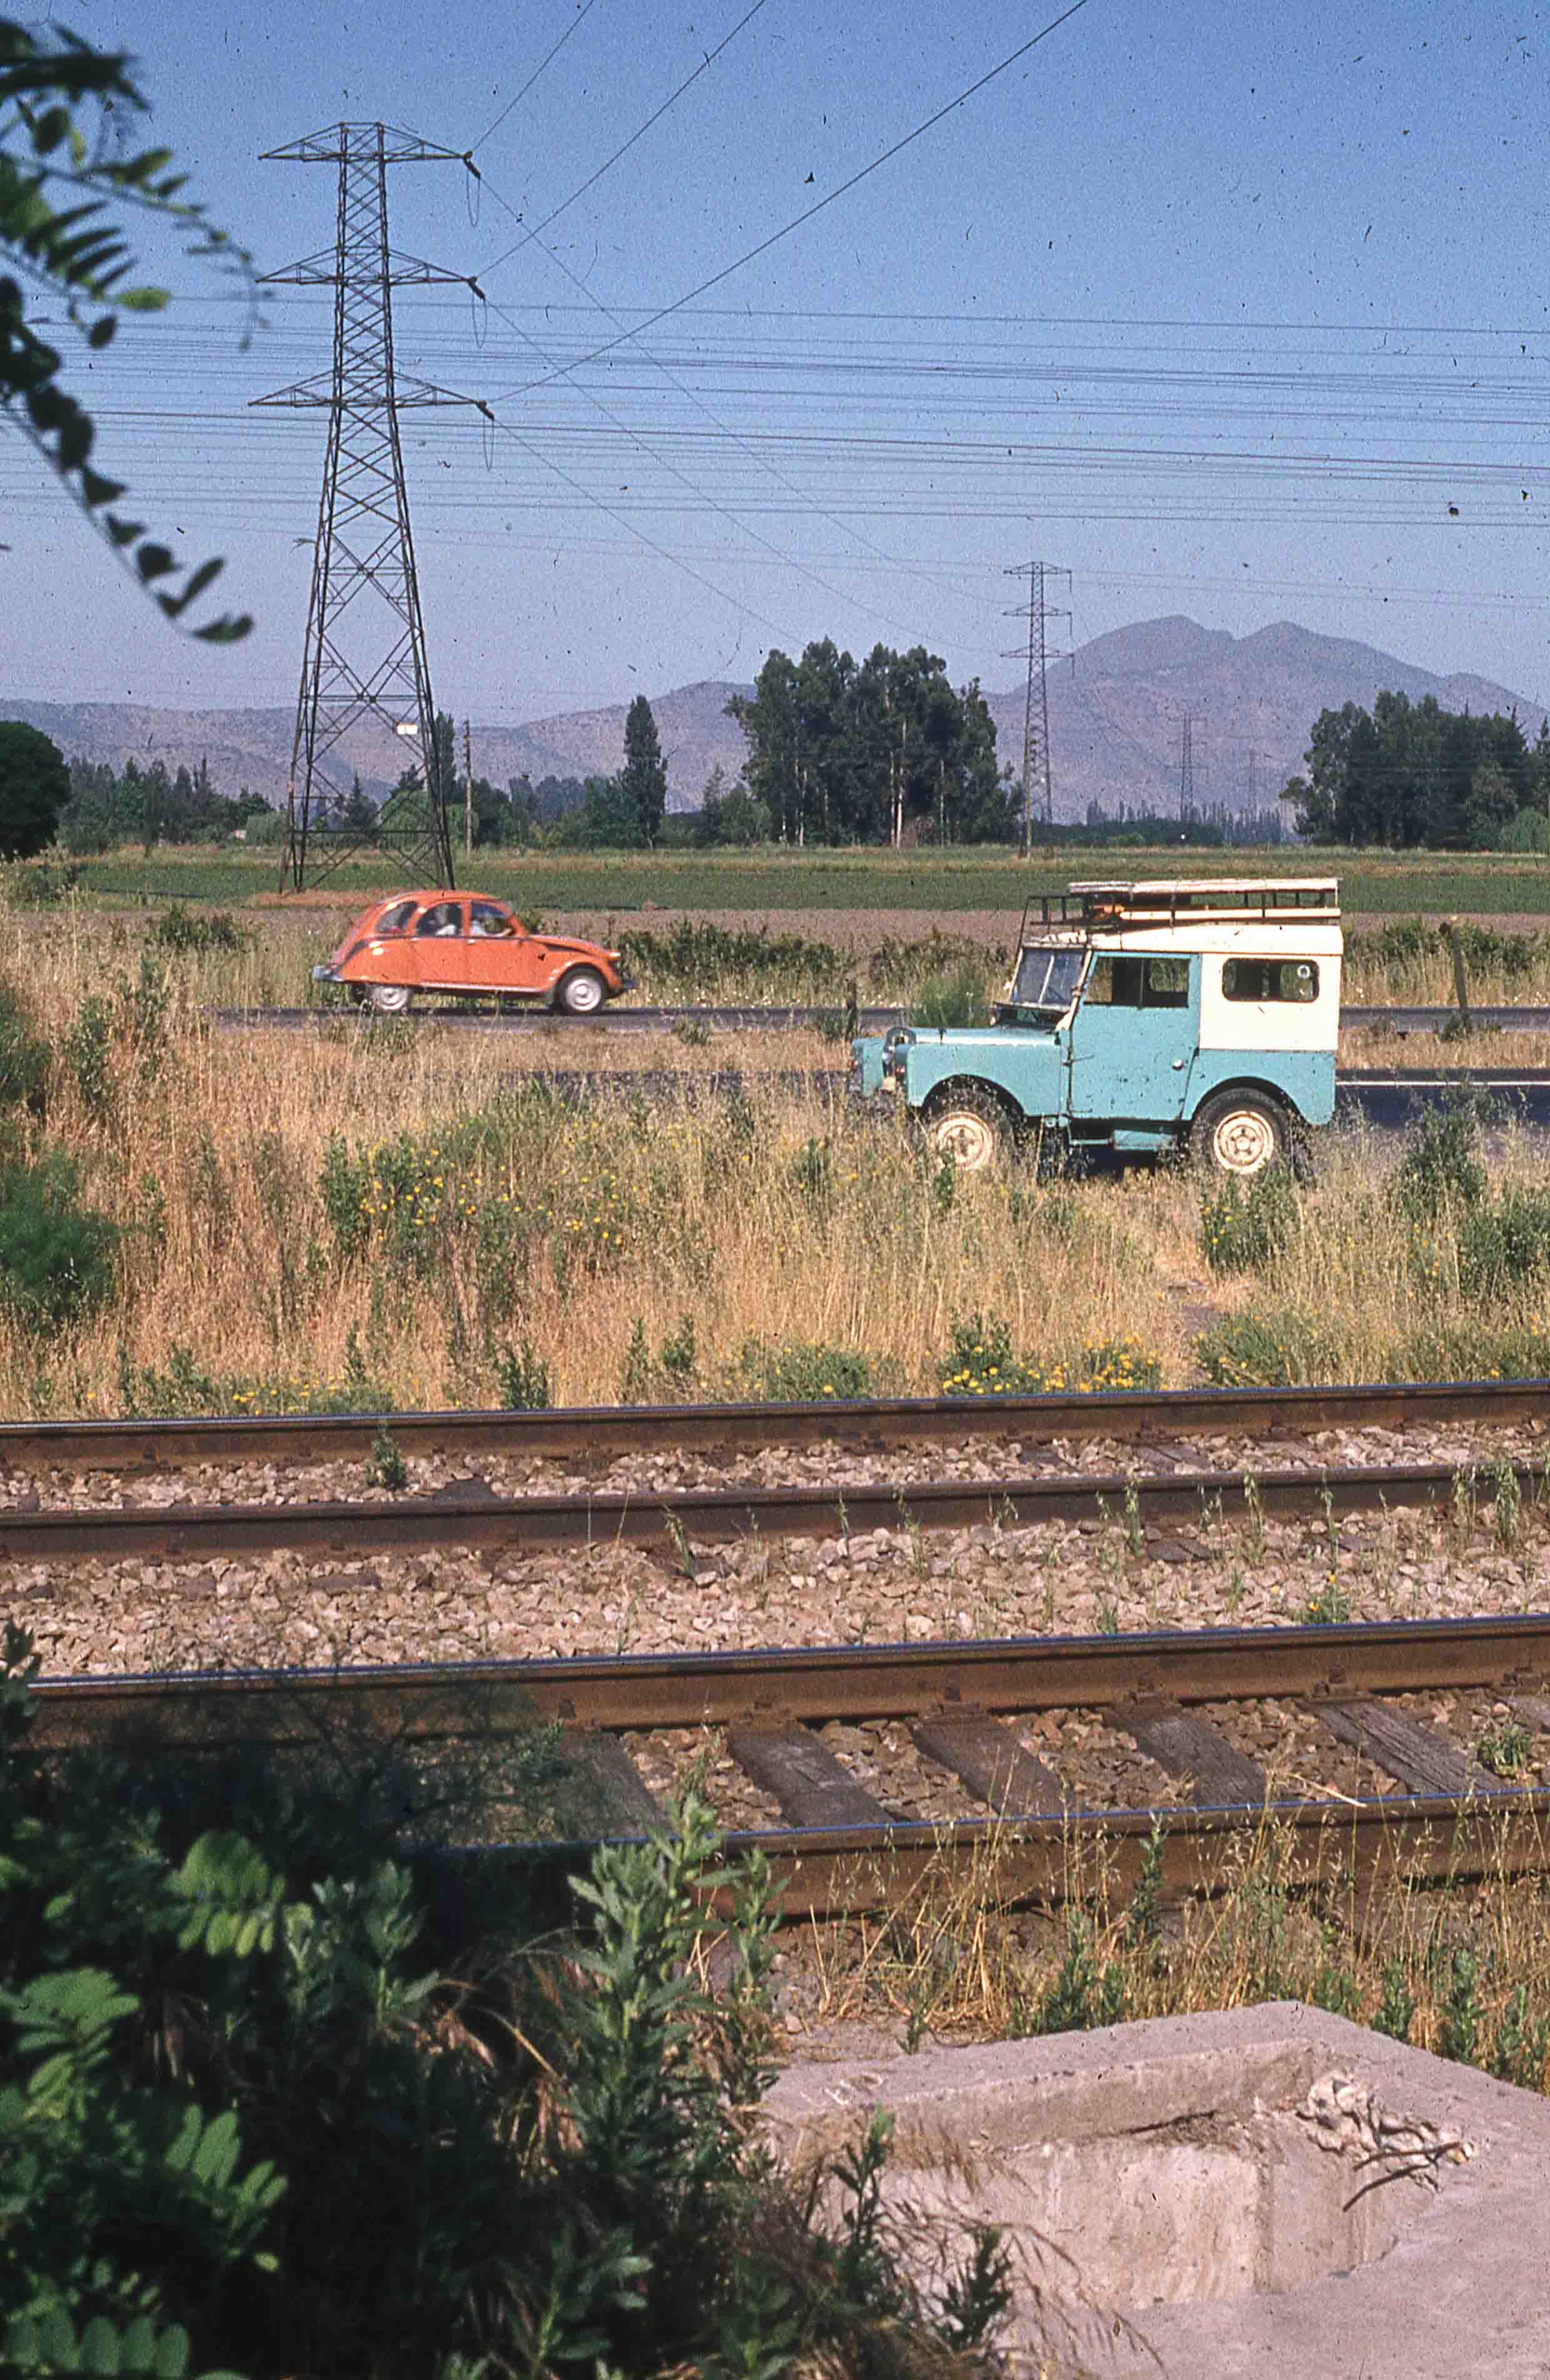 Enterreno - Fotos históricas de chile - fotos antiguas de Chile - Lineas ferroviarias en los 80